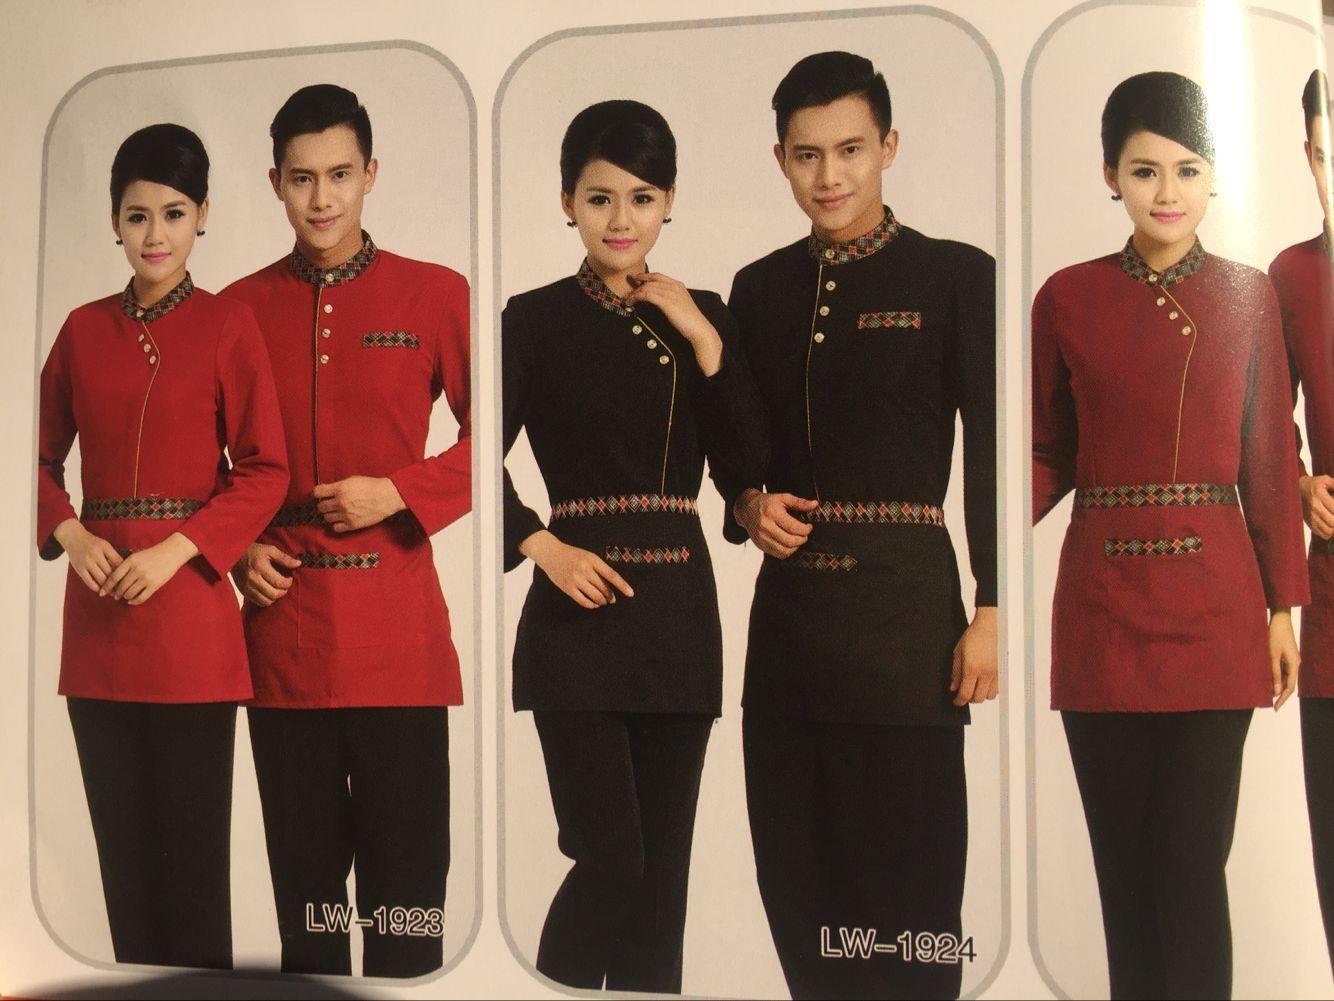 定制餐饮服务员工作服 上海专业订做订制酒店制服